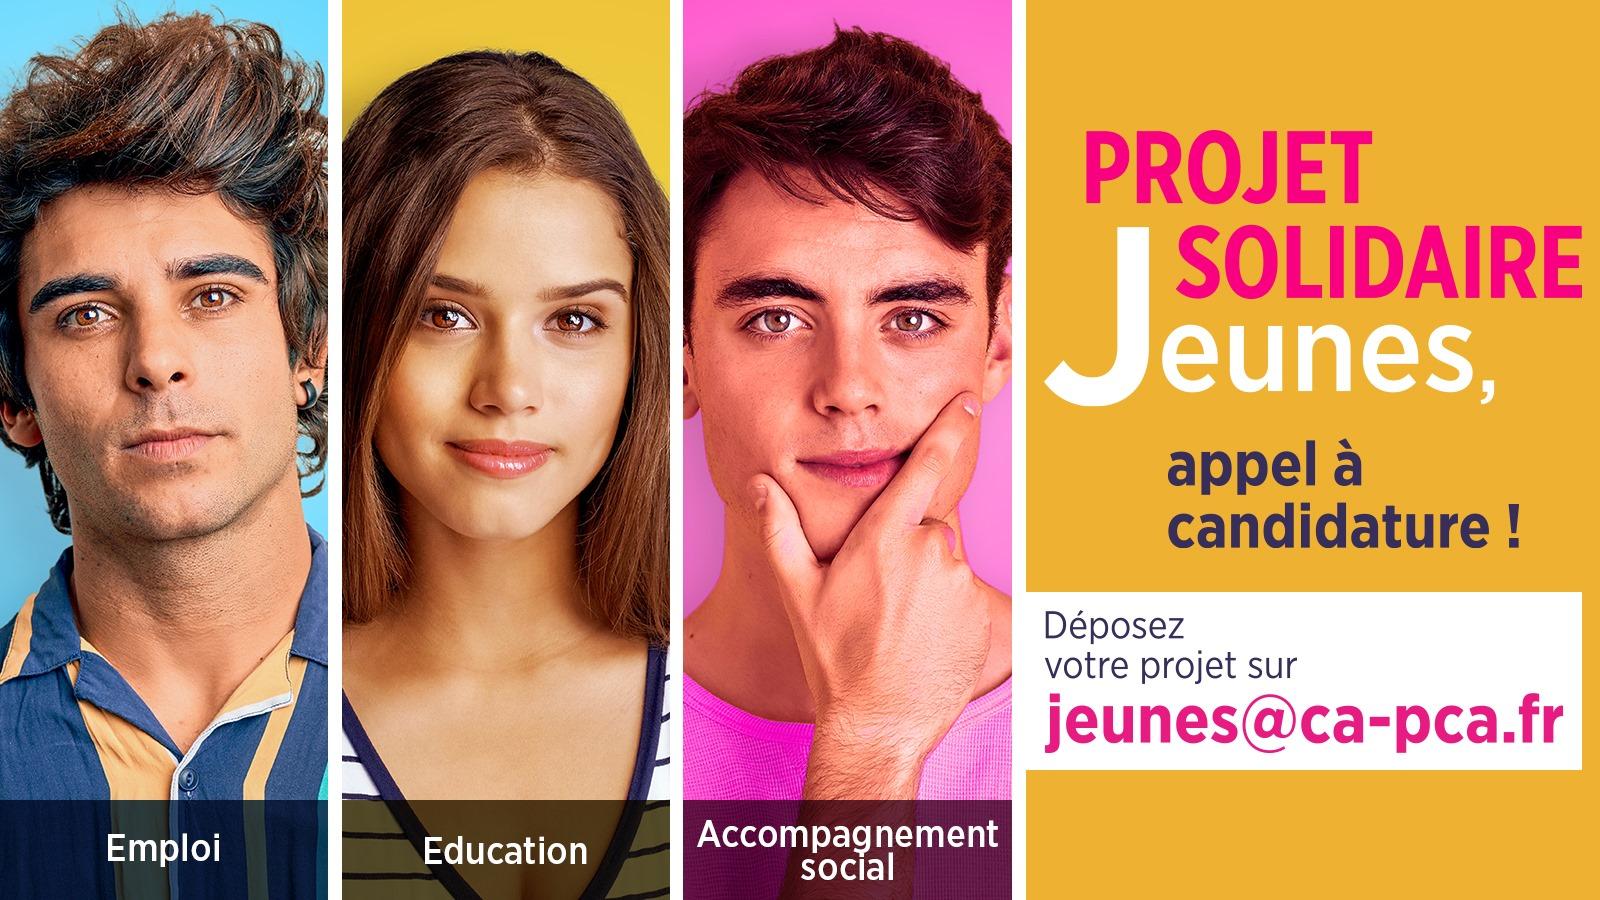 Appel à candidature projet solidaire jeunes Fondation d'entreprise Crédit Agricole Provence Côte d'Azur